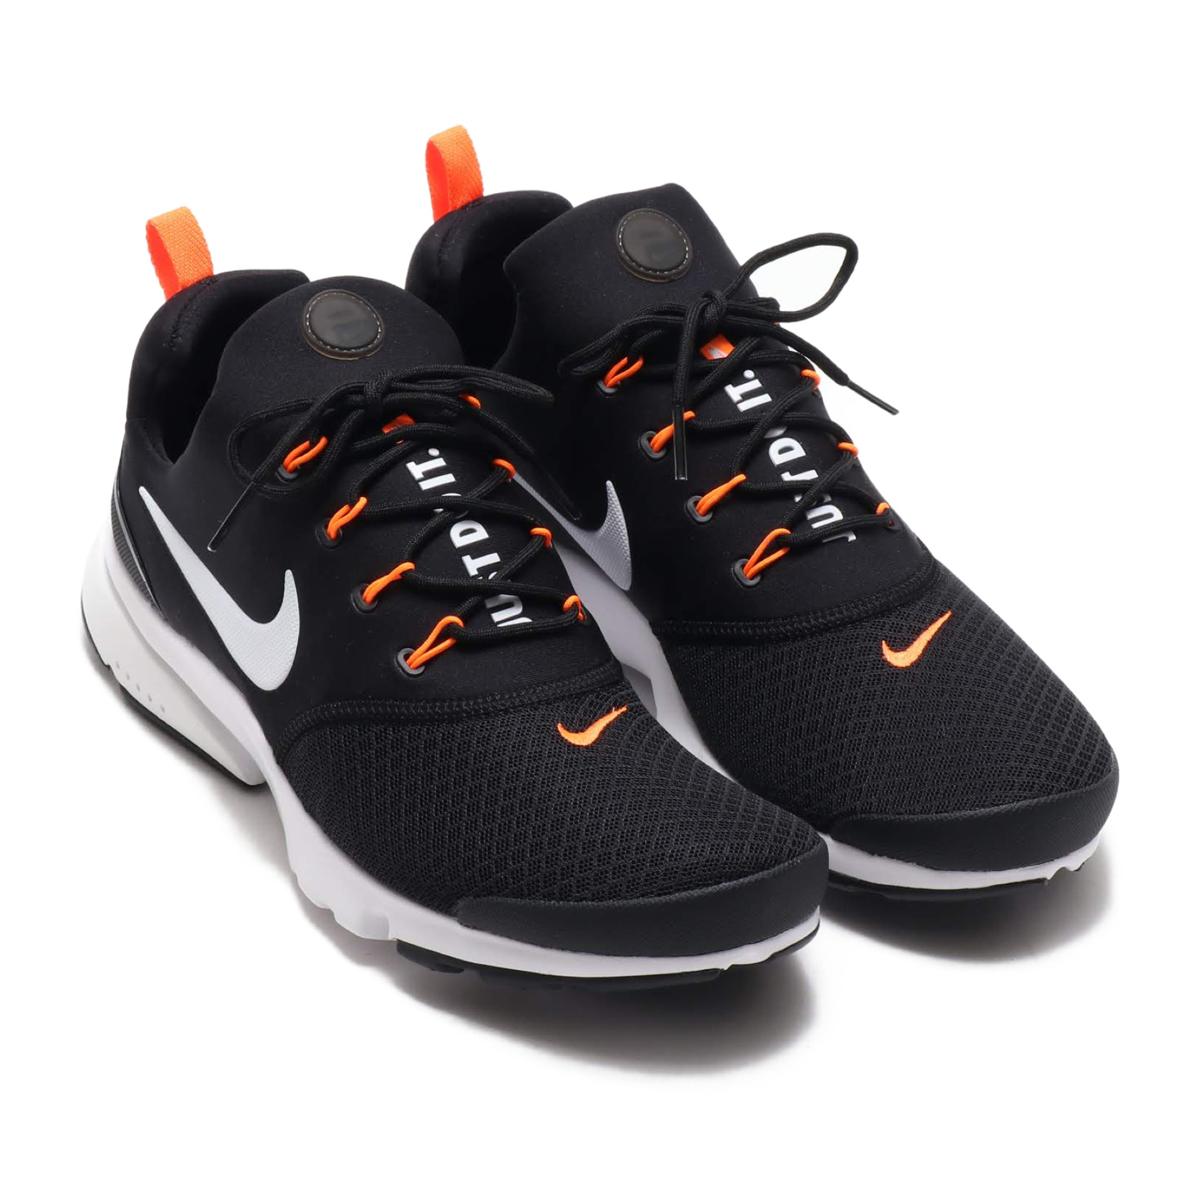 8806d431ce23 NIKE PRESTO FLY JDI (Nike presto fly JDI) BLACK WHITE-TOTAL ORANGE 18FA-S